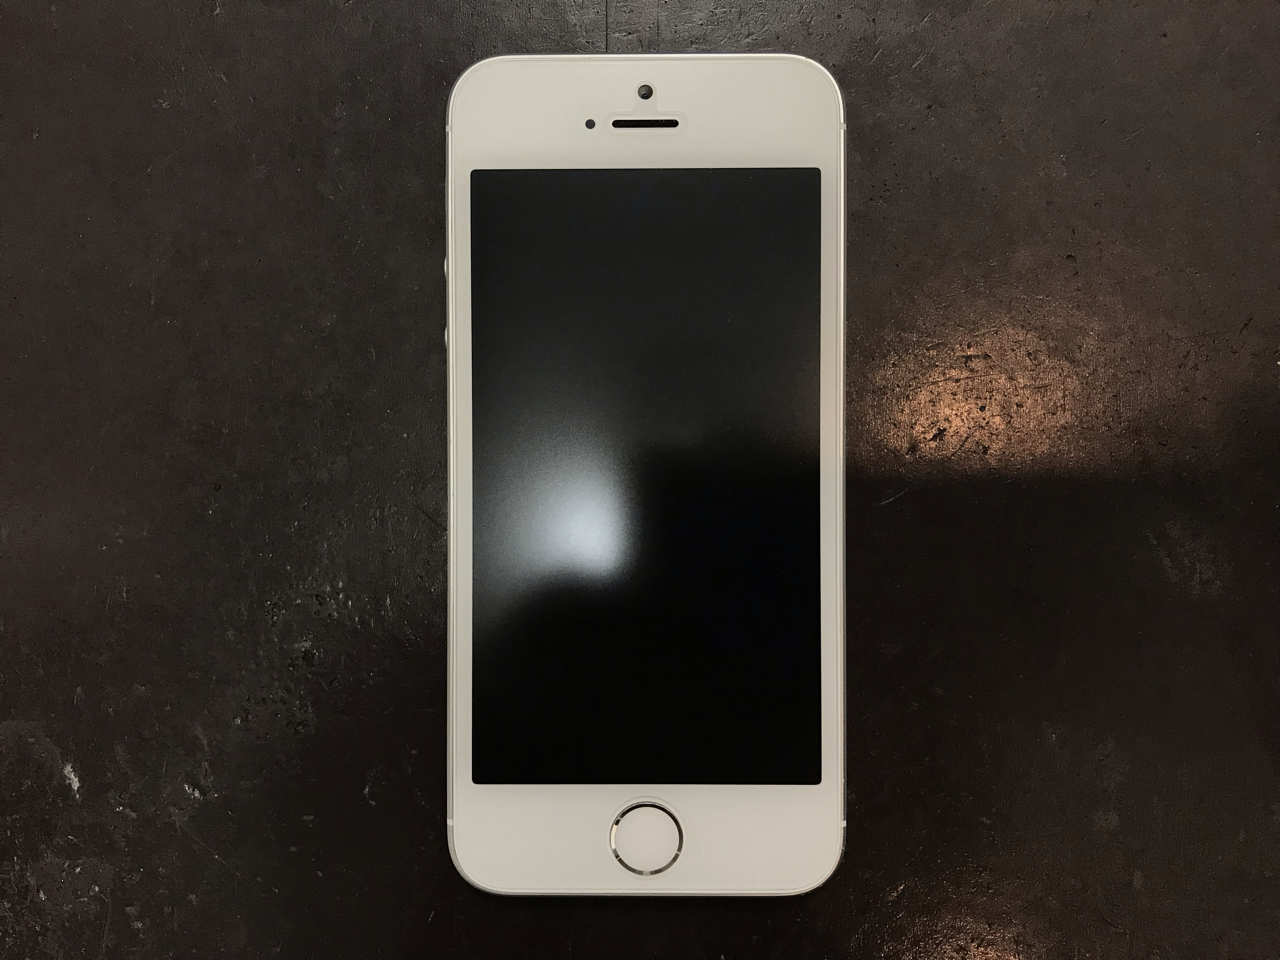 70b3c0f5-5e6e-4166-85f3-deb51068ae9d_1542688991_159611166 大きな割れが広がったiPhone SE の画面交換をしました!